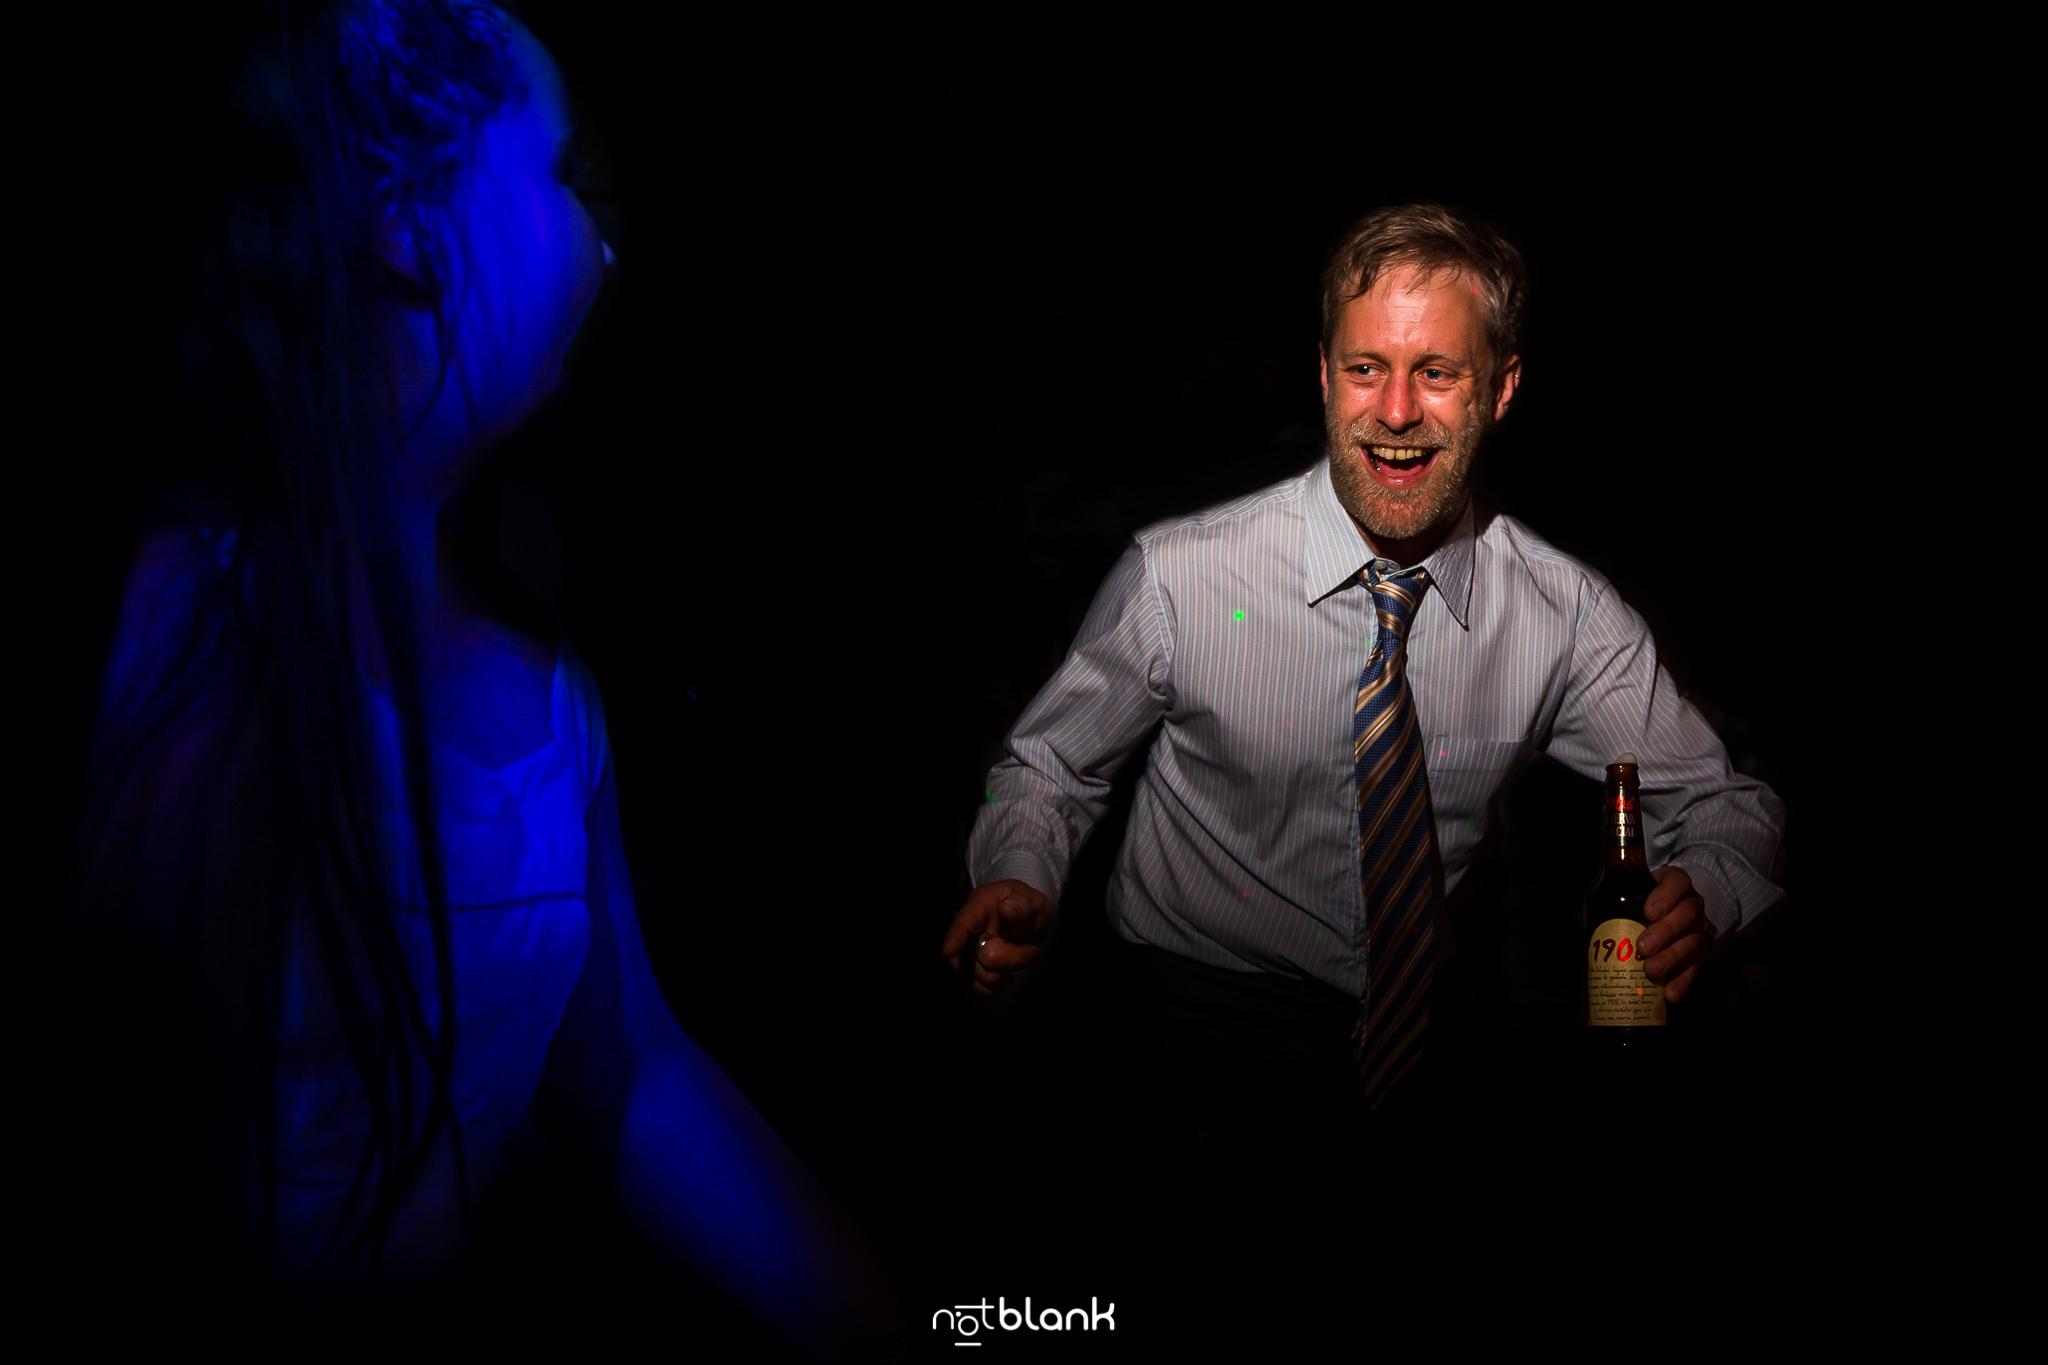 Boda-Maite-David-Invitado-Bailando-En-Fiesta-Con-Cerveza-estrella-Galicia-En-Mano. Reportaje realizado por Notblank fotógrafos de boda